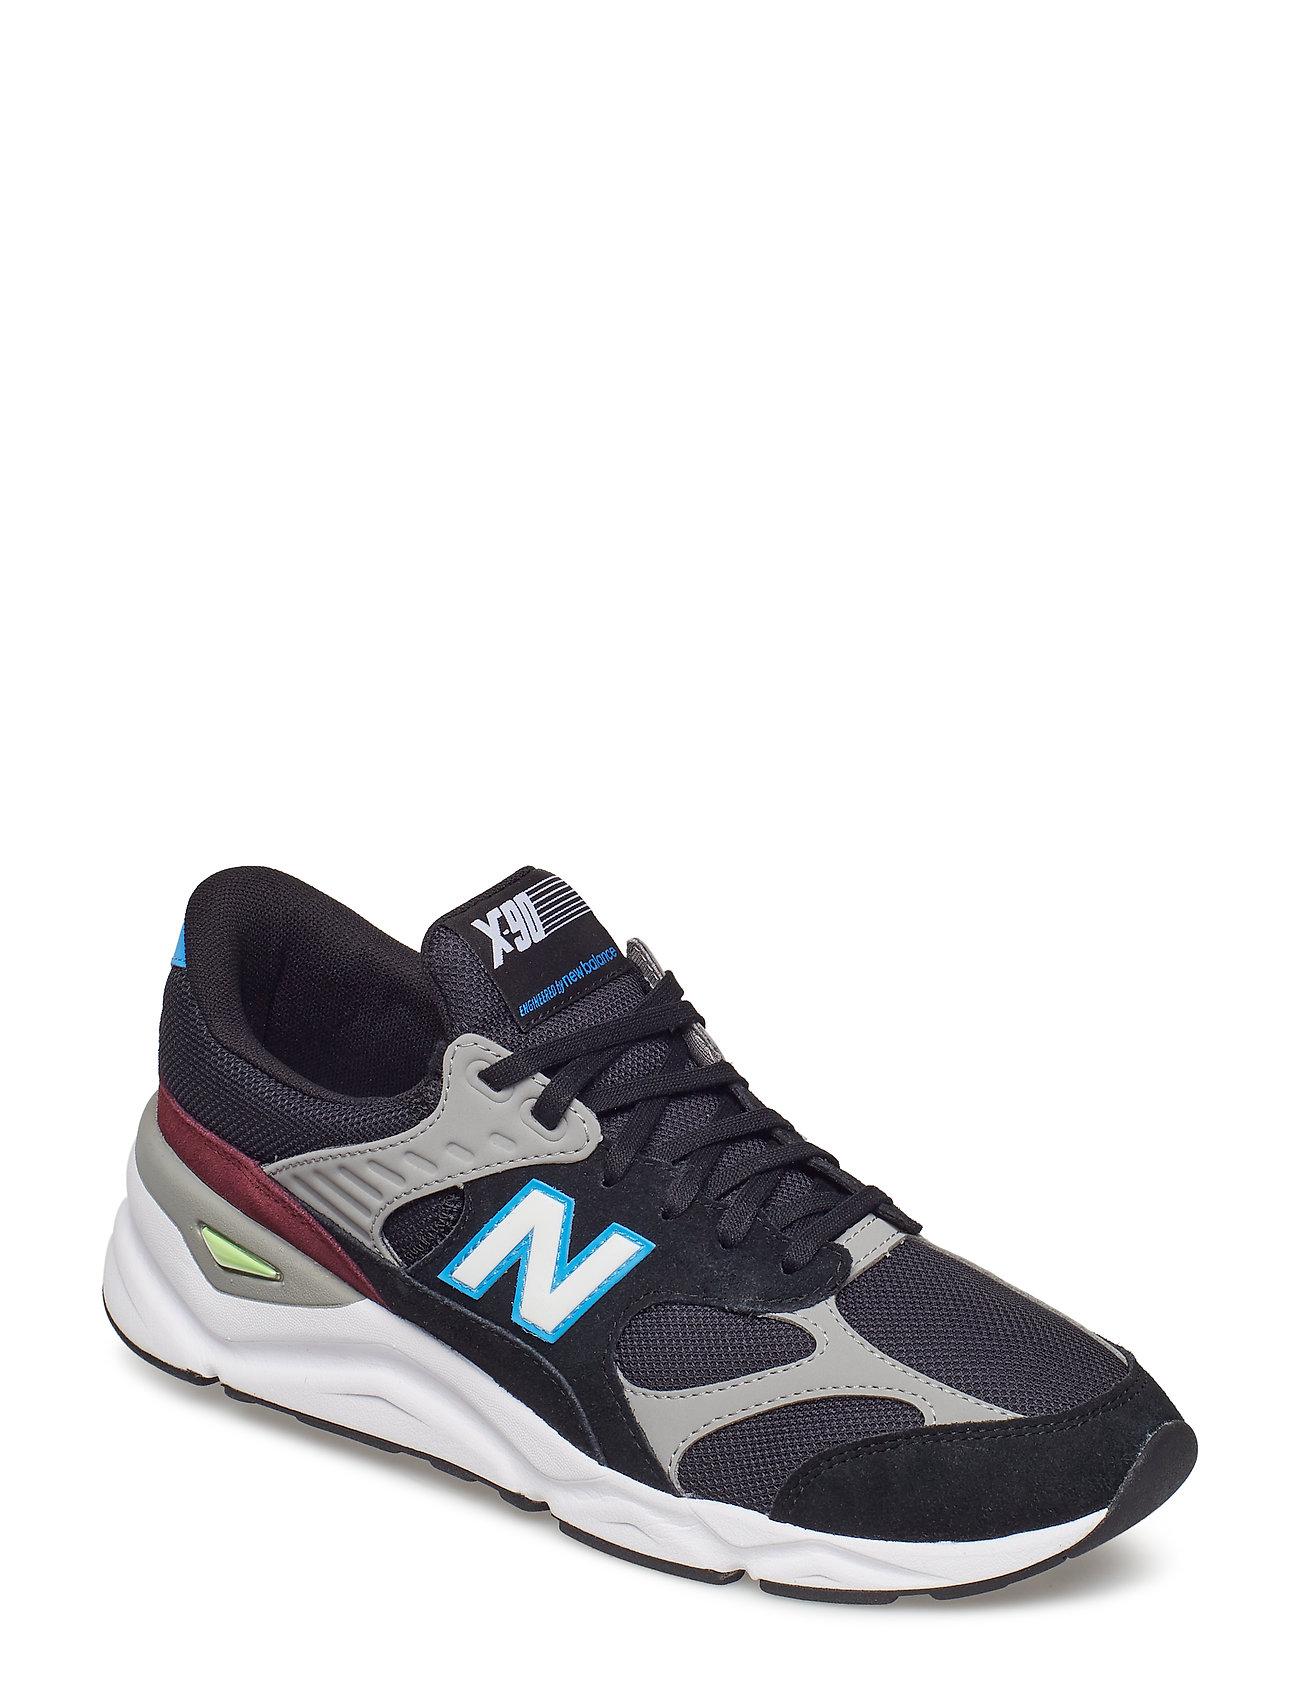 NEW BALANCE Msx90 Niedrige Sneaker Schwarz NEW BALANCE